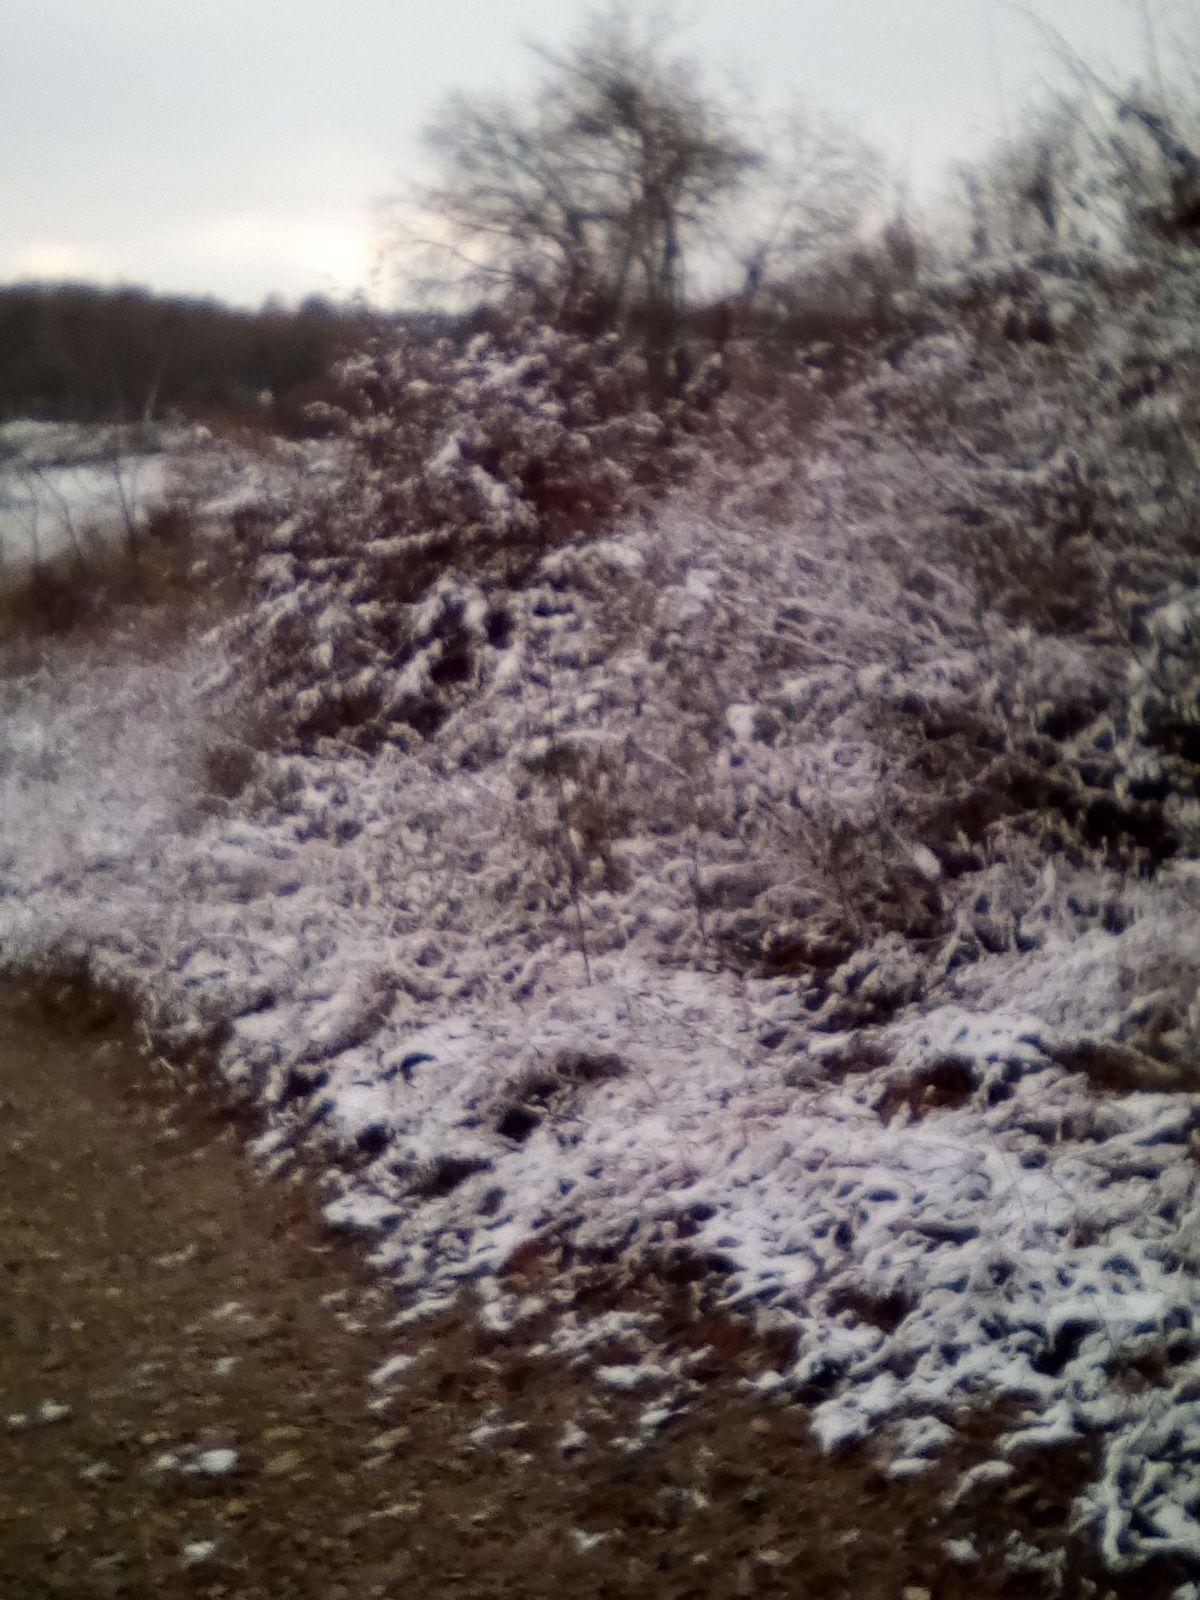 J'ai connu des sorties VTT avec plus de neige